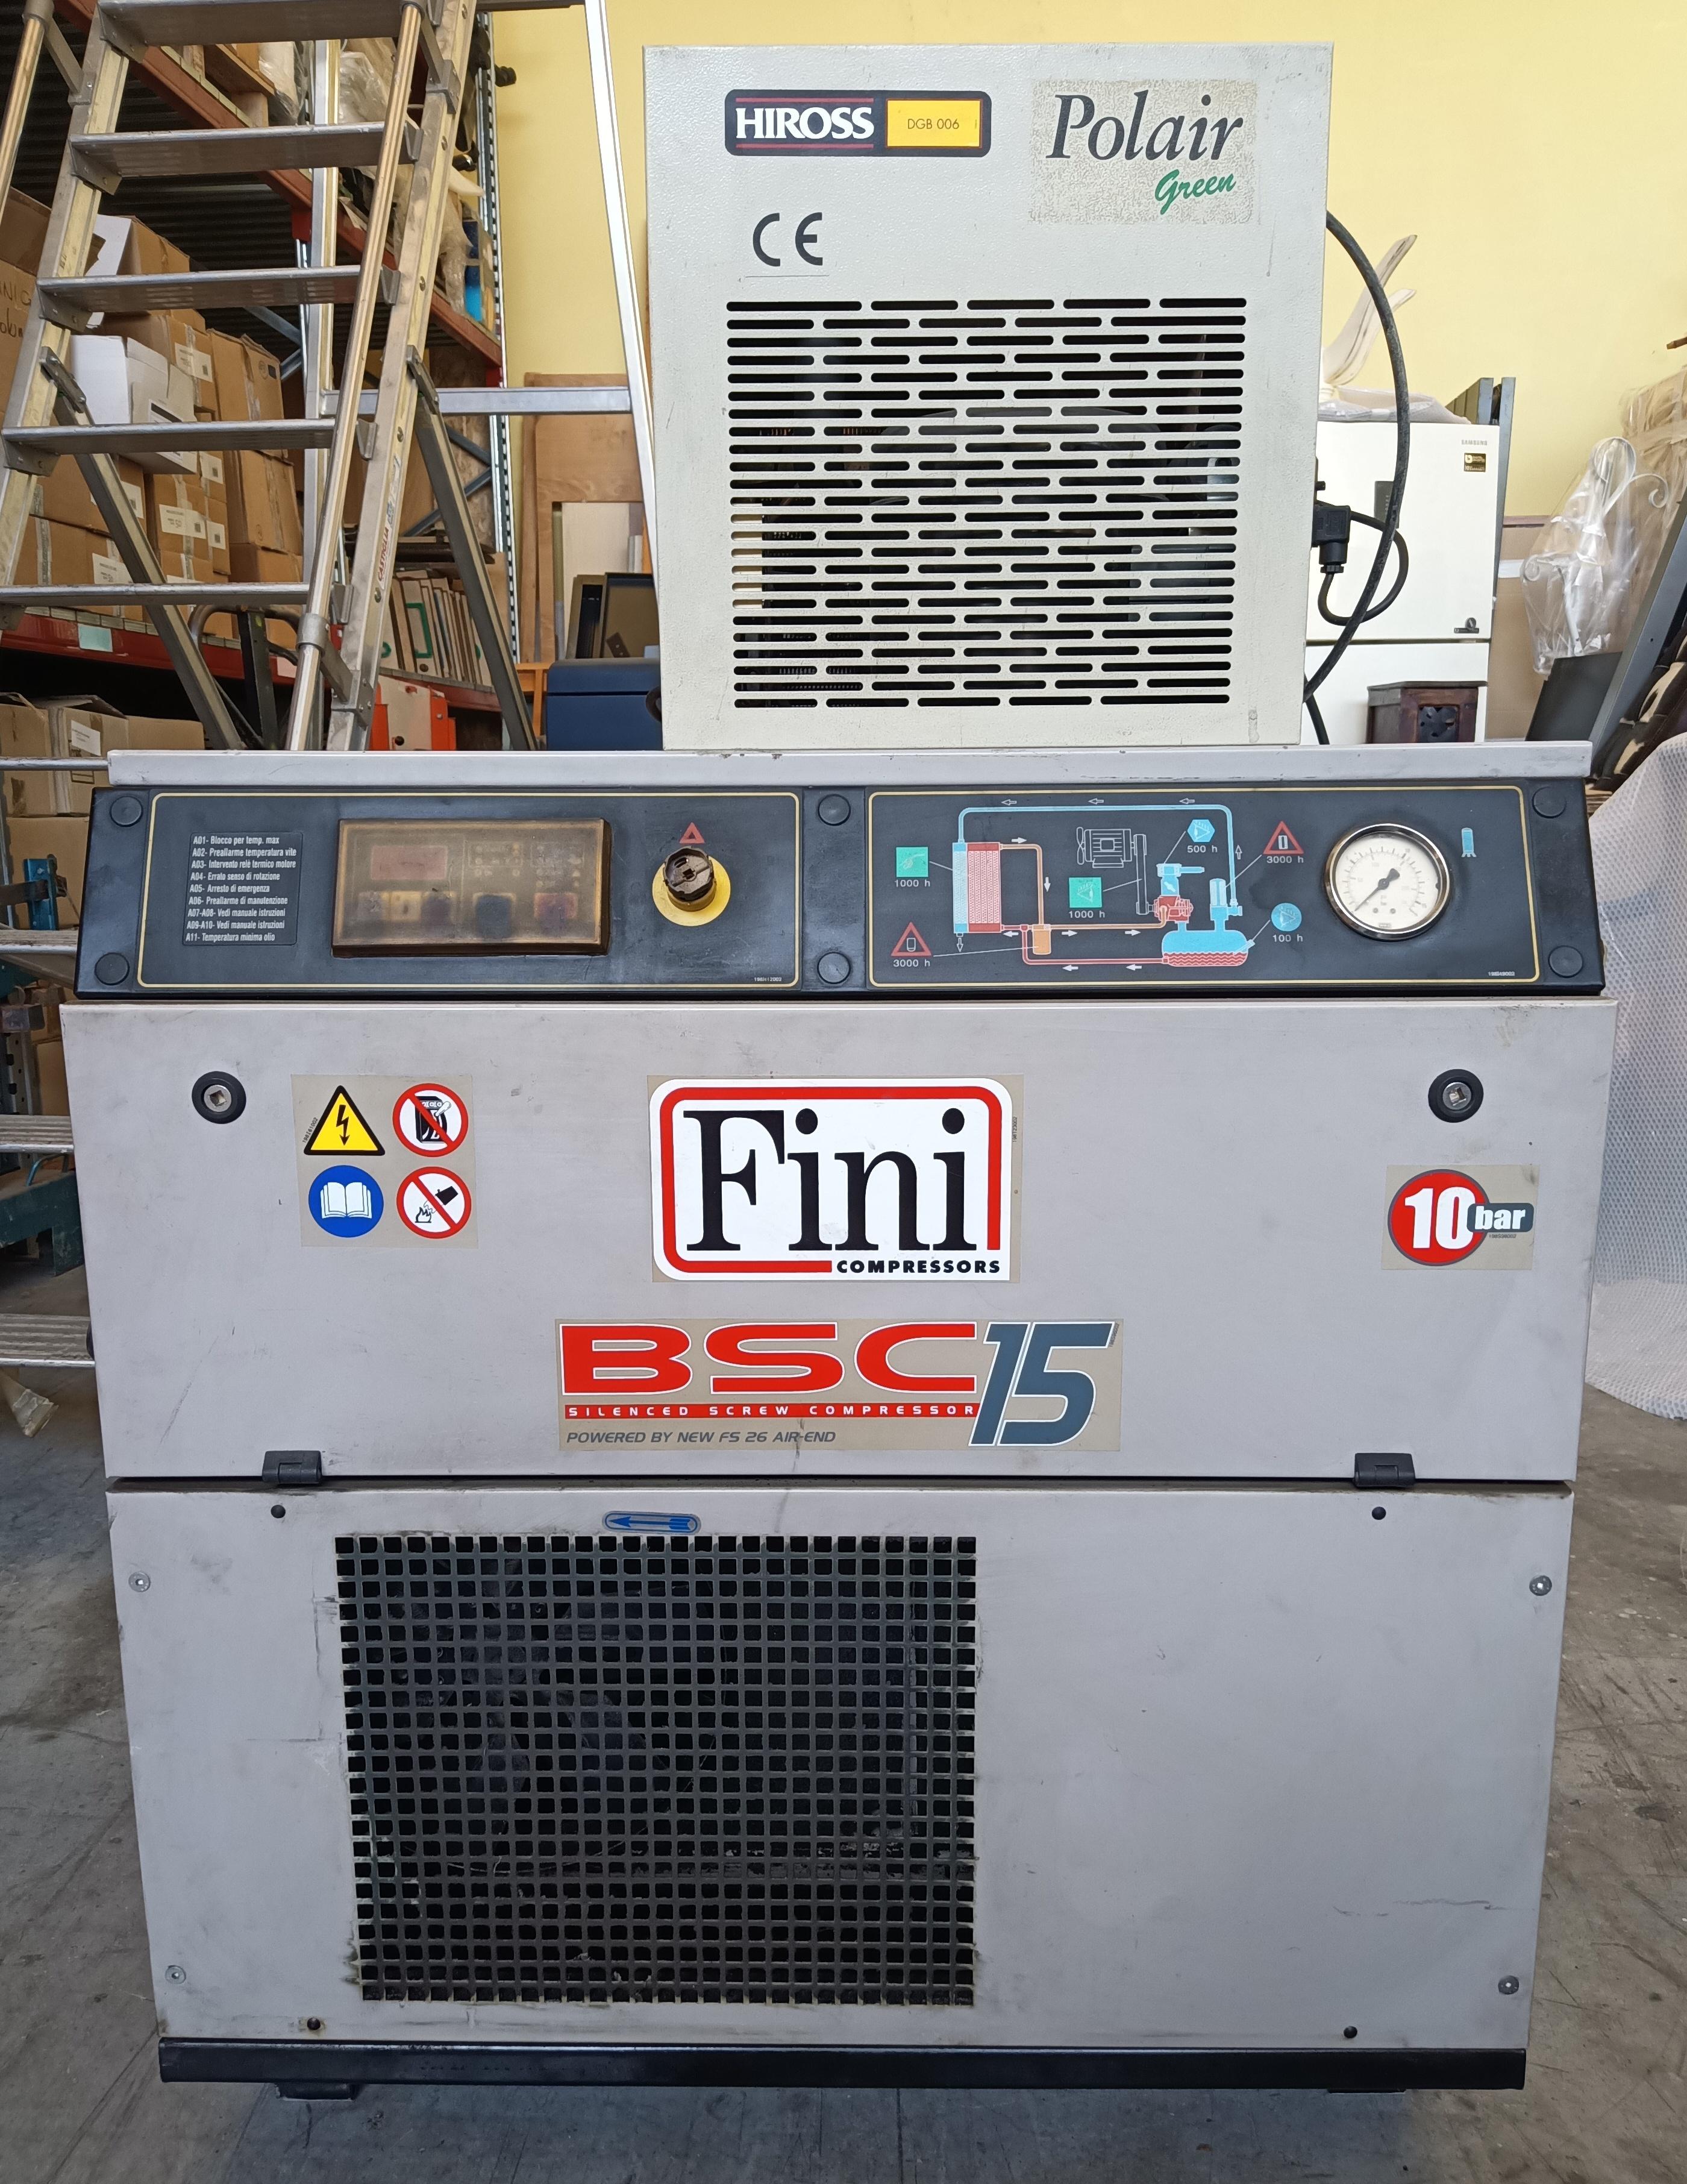 Essiccatori e accessori per compressori in vendita